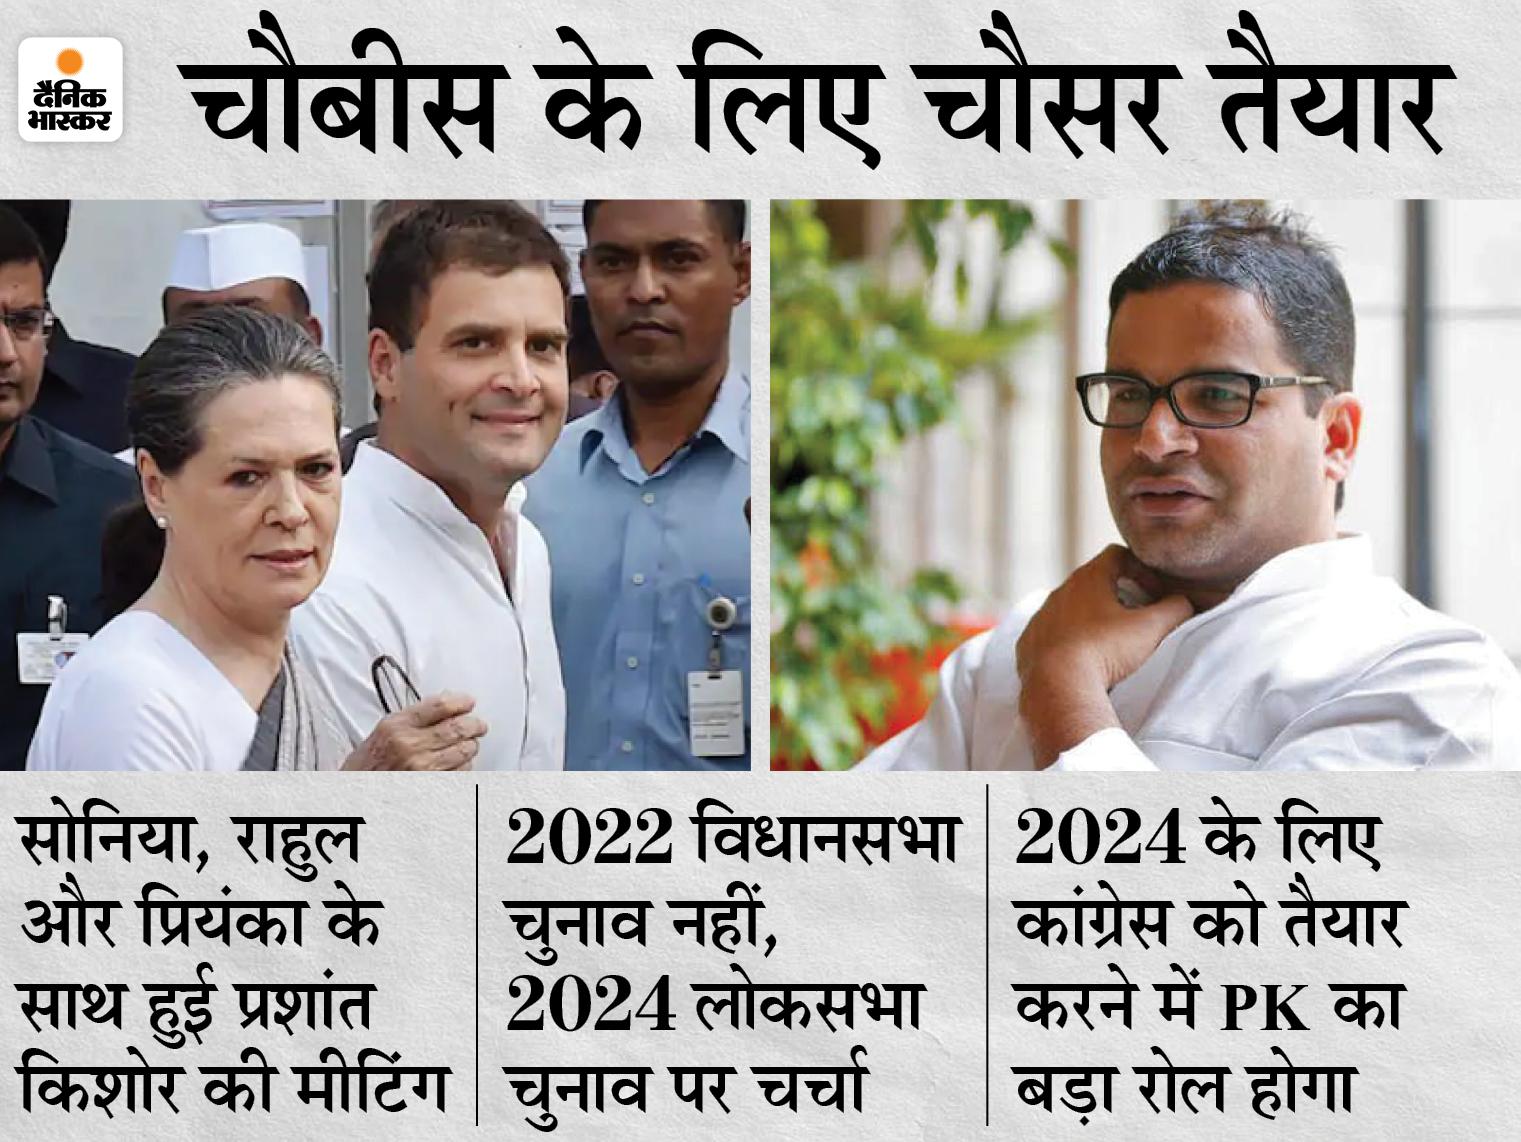 राहुल-प्रियंका से मिलने के बाद कांग्रेस जॉइन कर सकते हैं प्रशांत किशोर; UP-पंजाब नहीं, नेशनल लेवल पर निभाएंगे रोल|देश,National - Dainik Bhaskar